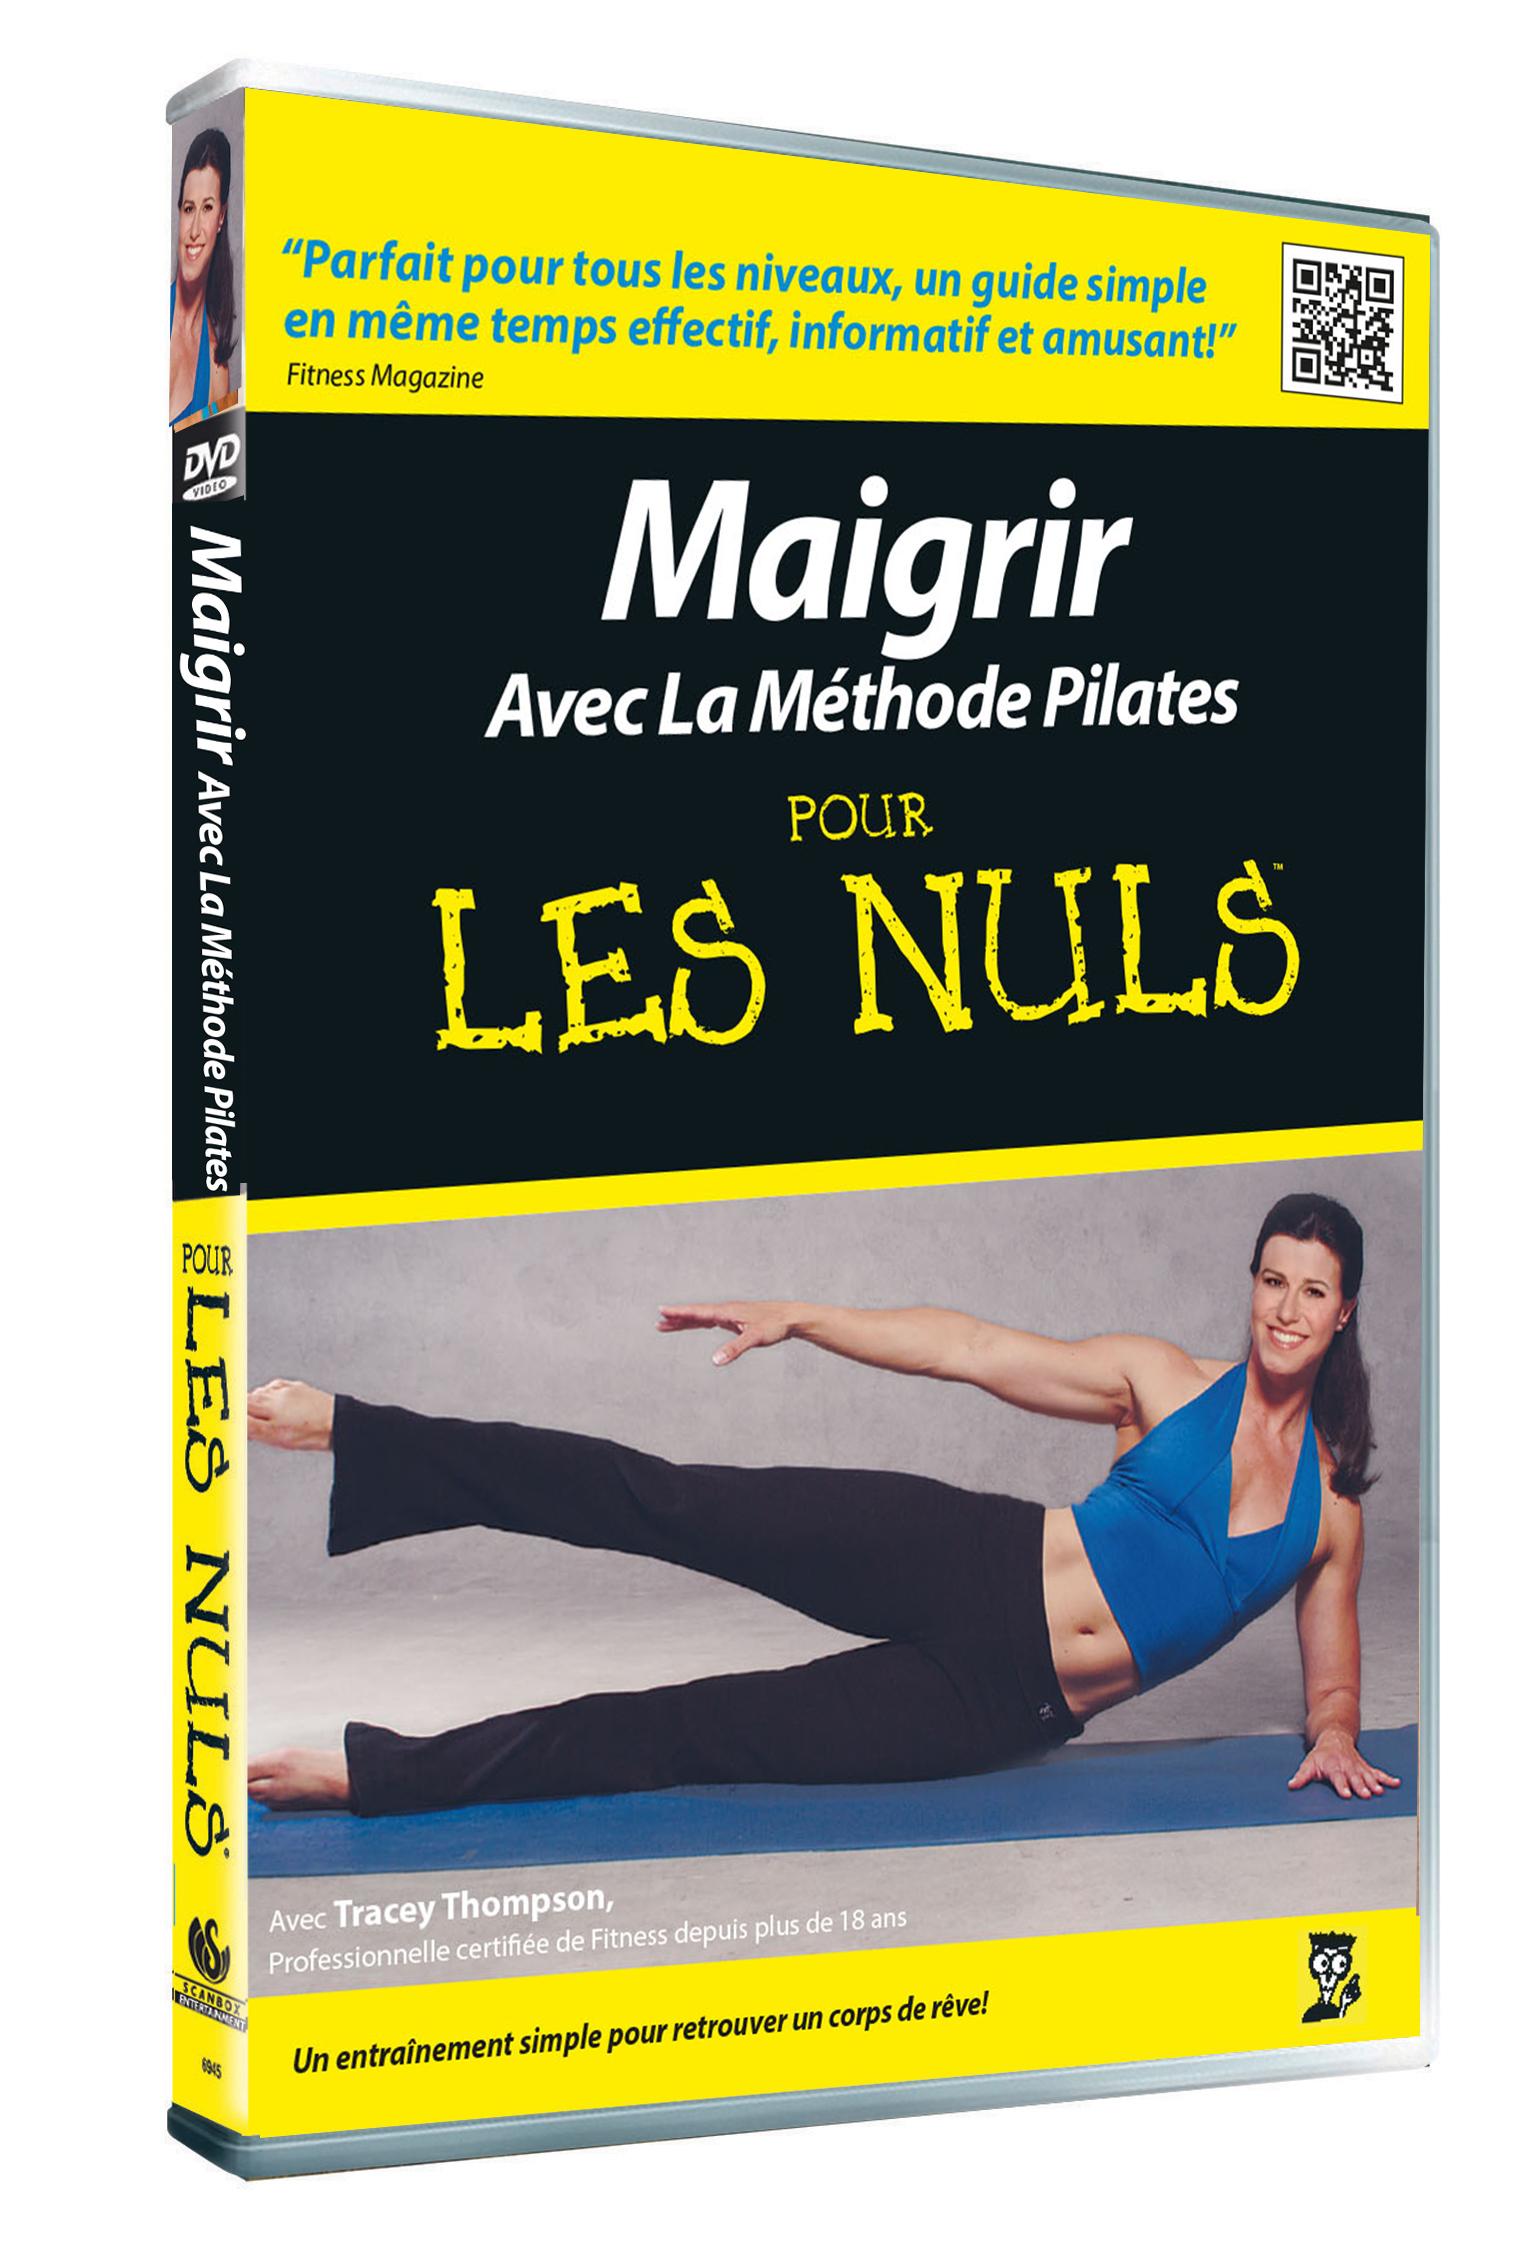 POUR LES NULS - MAIGRIR AVEC LA METHODE PILATES - DVD